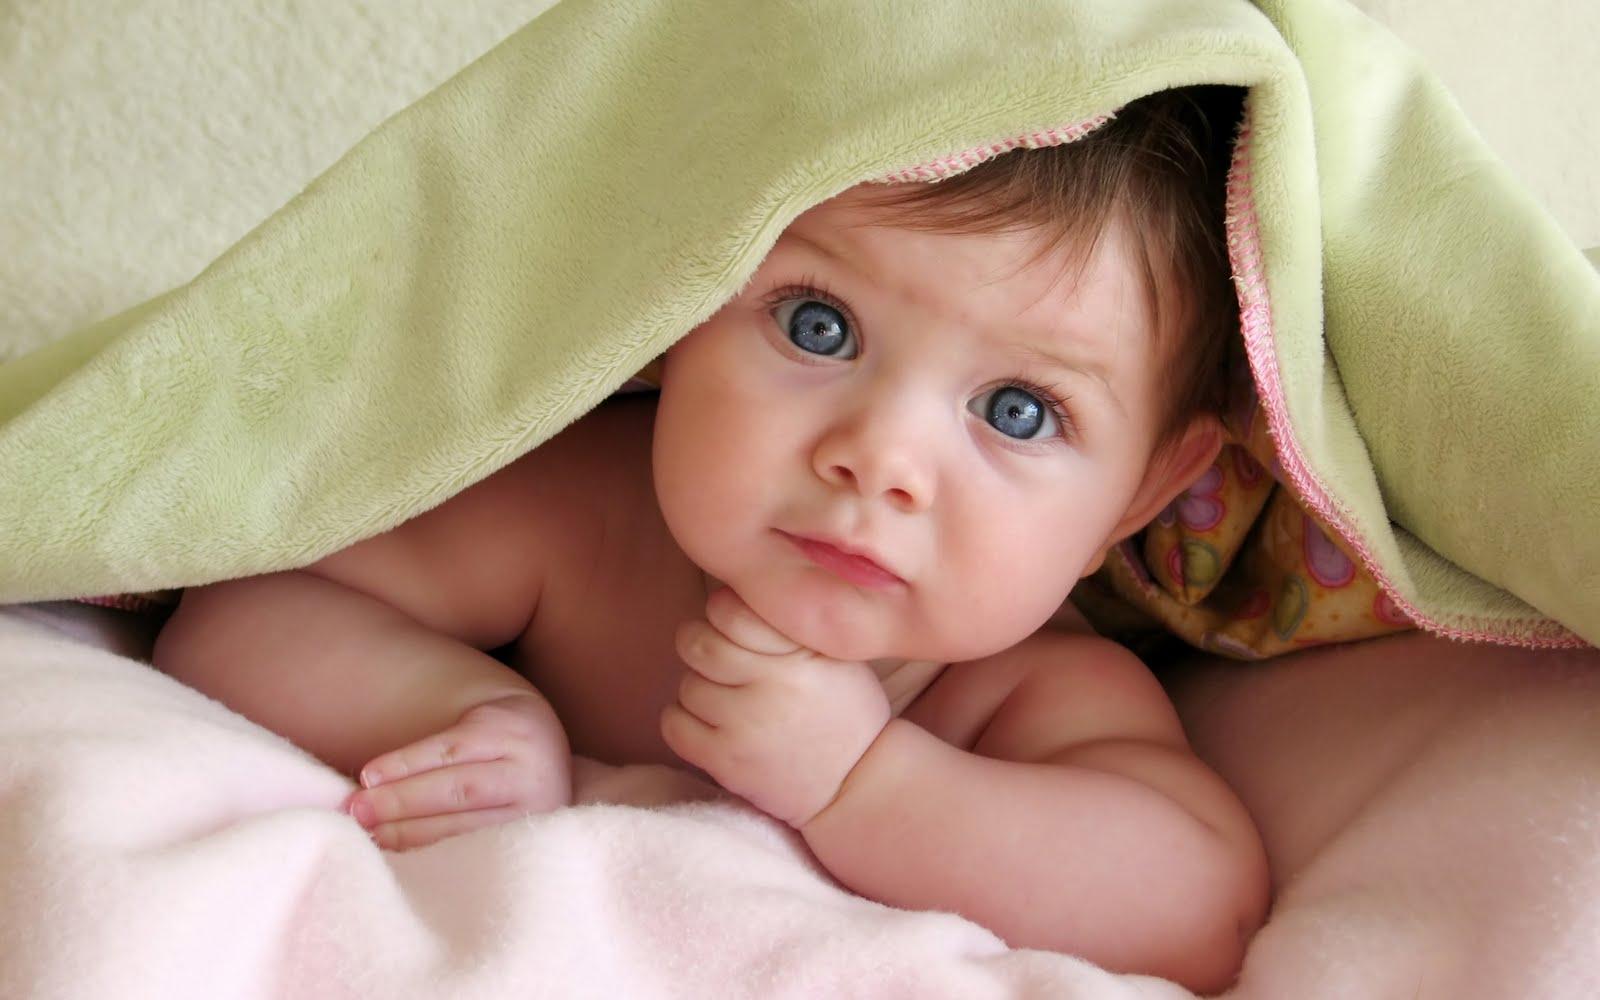 http://4.bp.blogspot.com/-RrzPXacAZZE/ToSS9PC1ooI/AAAAAAAAAfE/V3um1LjgkkE/s1600/kids-wallpapers-5.jpg